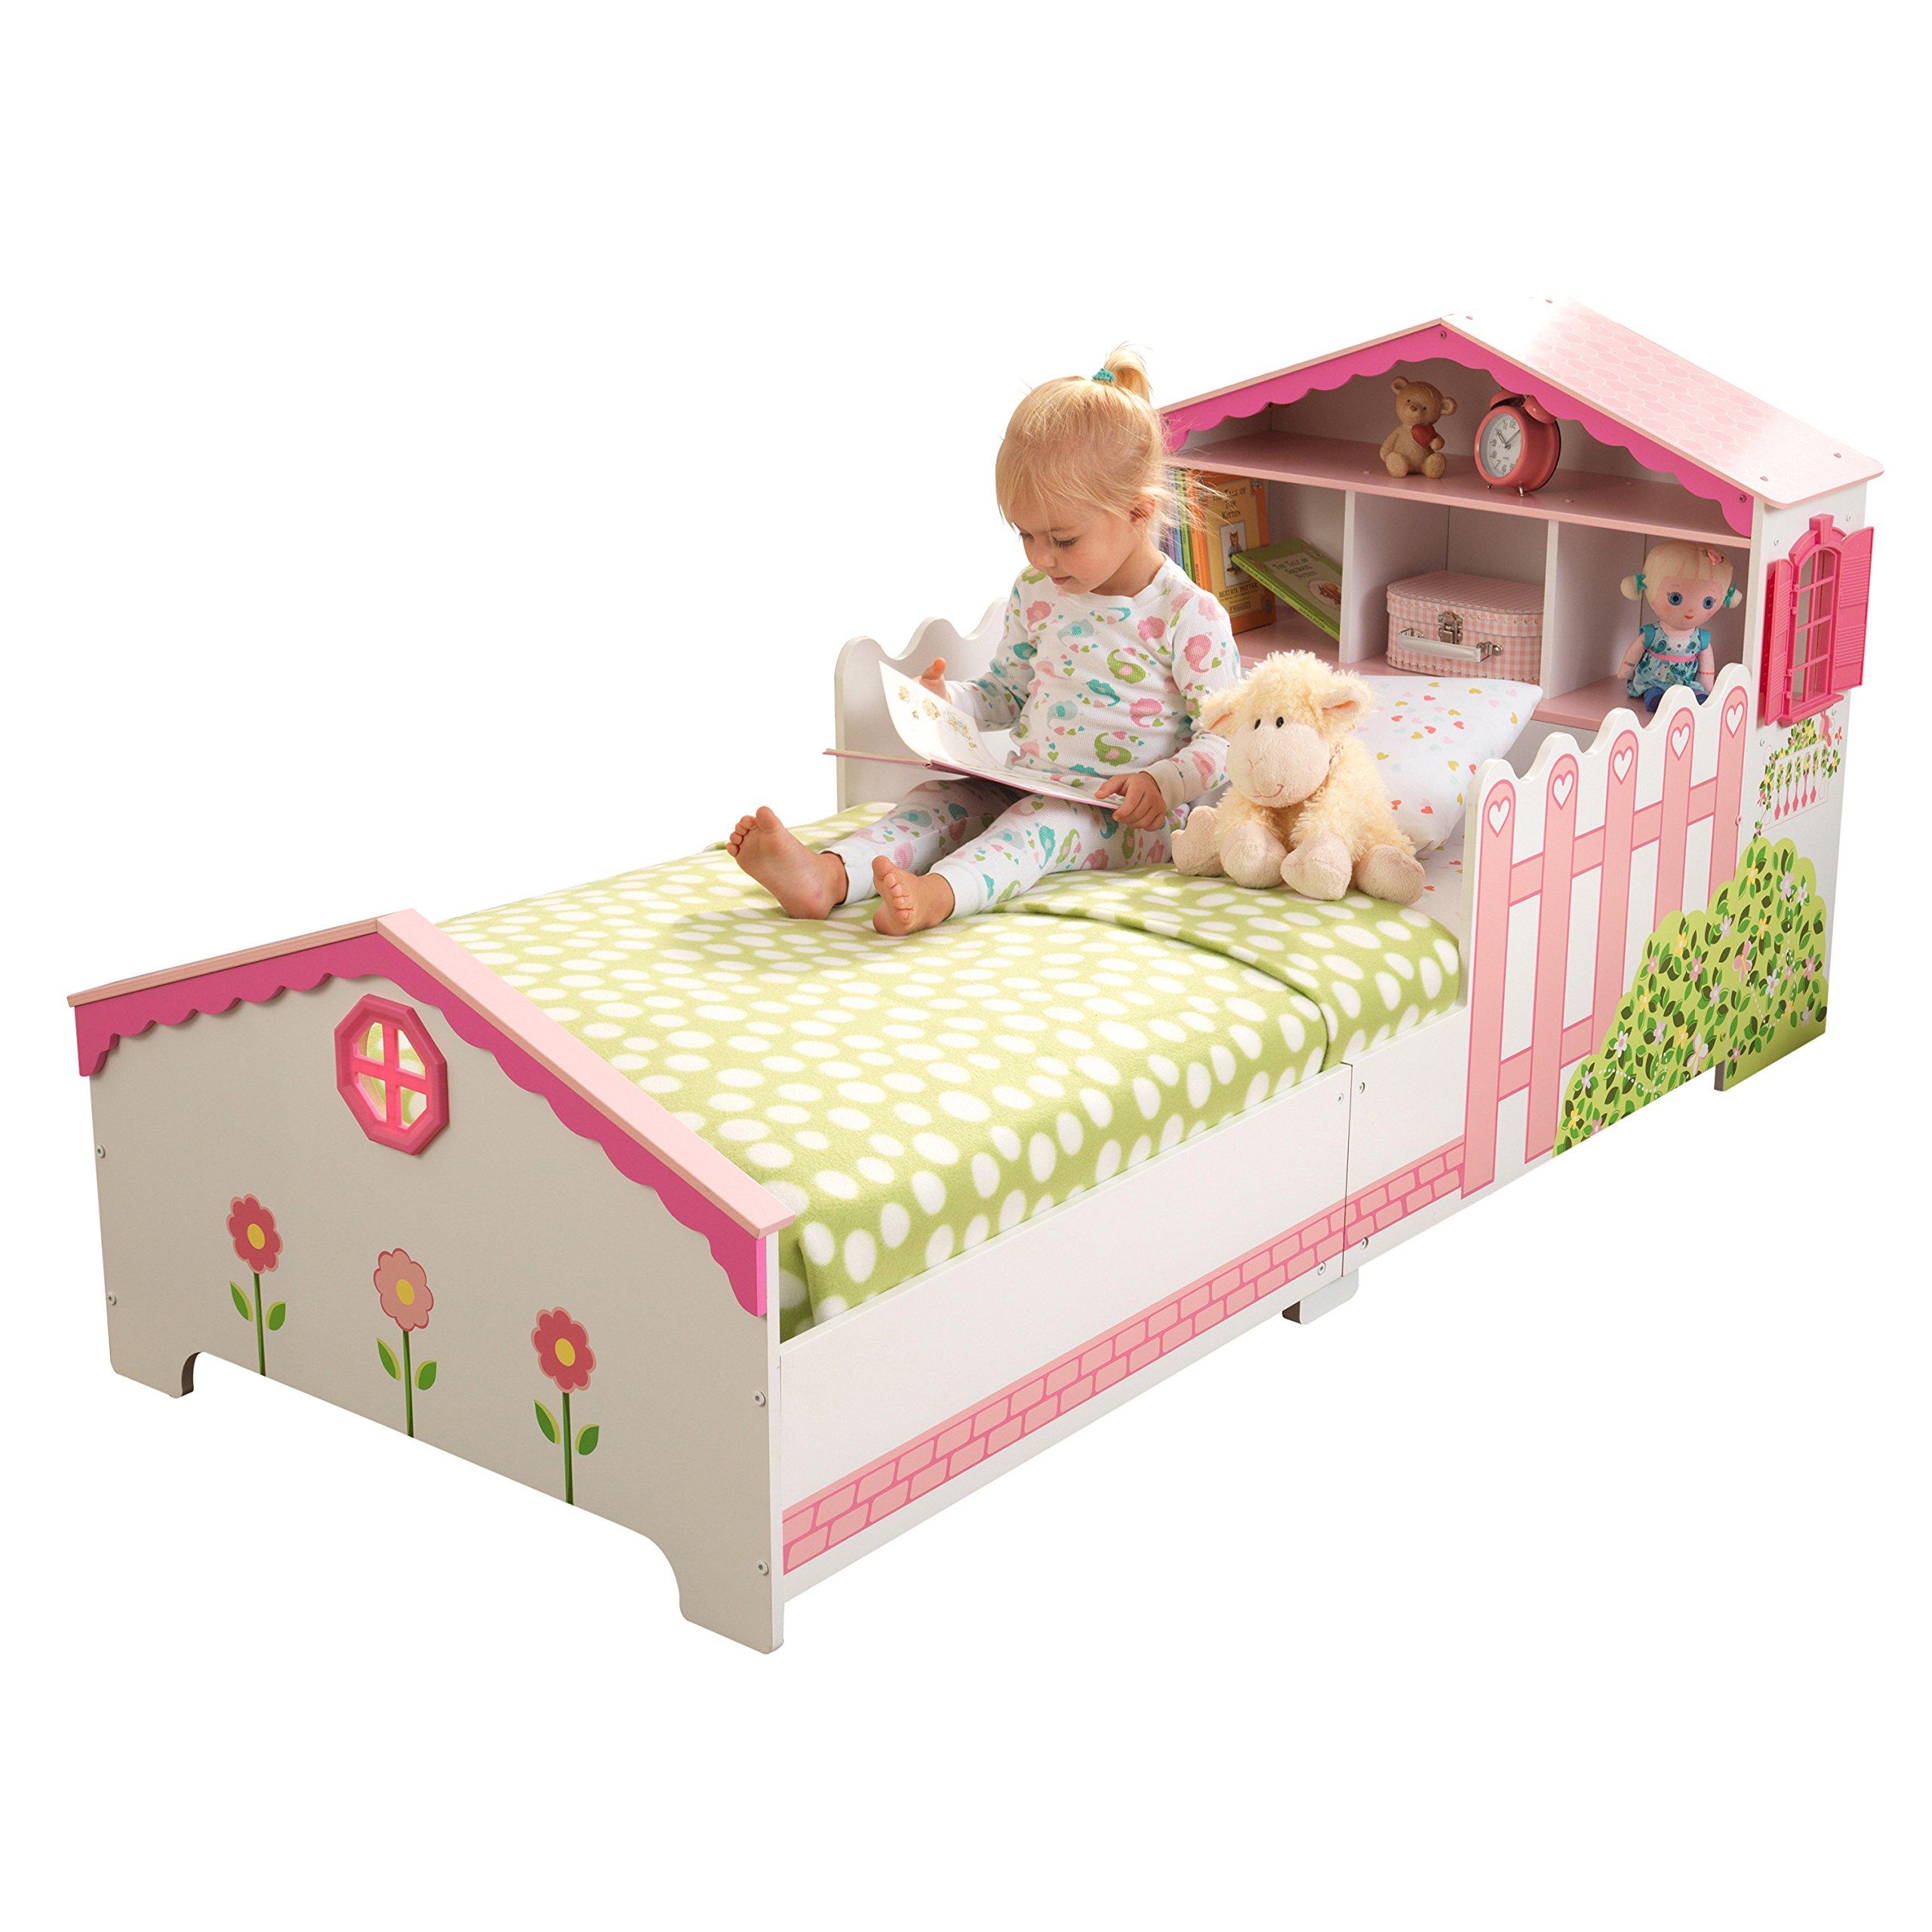 KidKraft 76255 Cama infantil con diseño casa de muñecas con marco de madera, muebles para